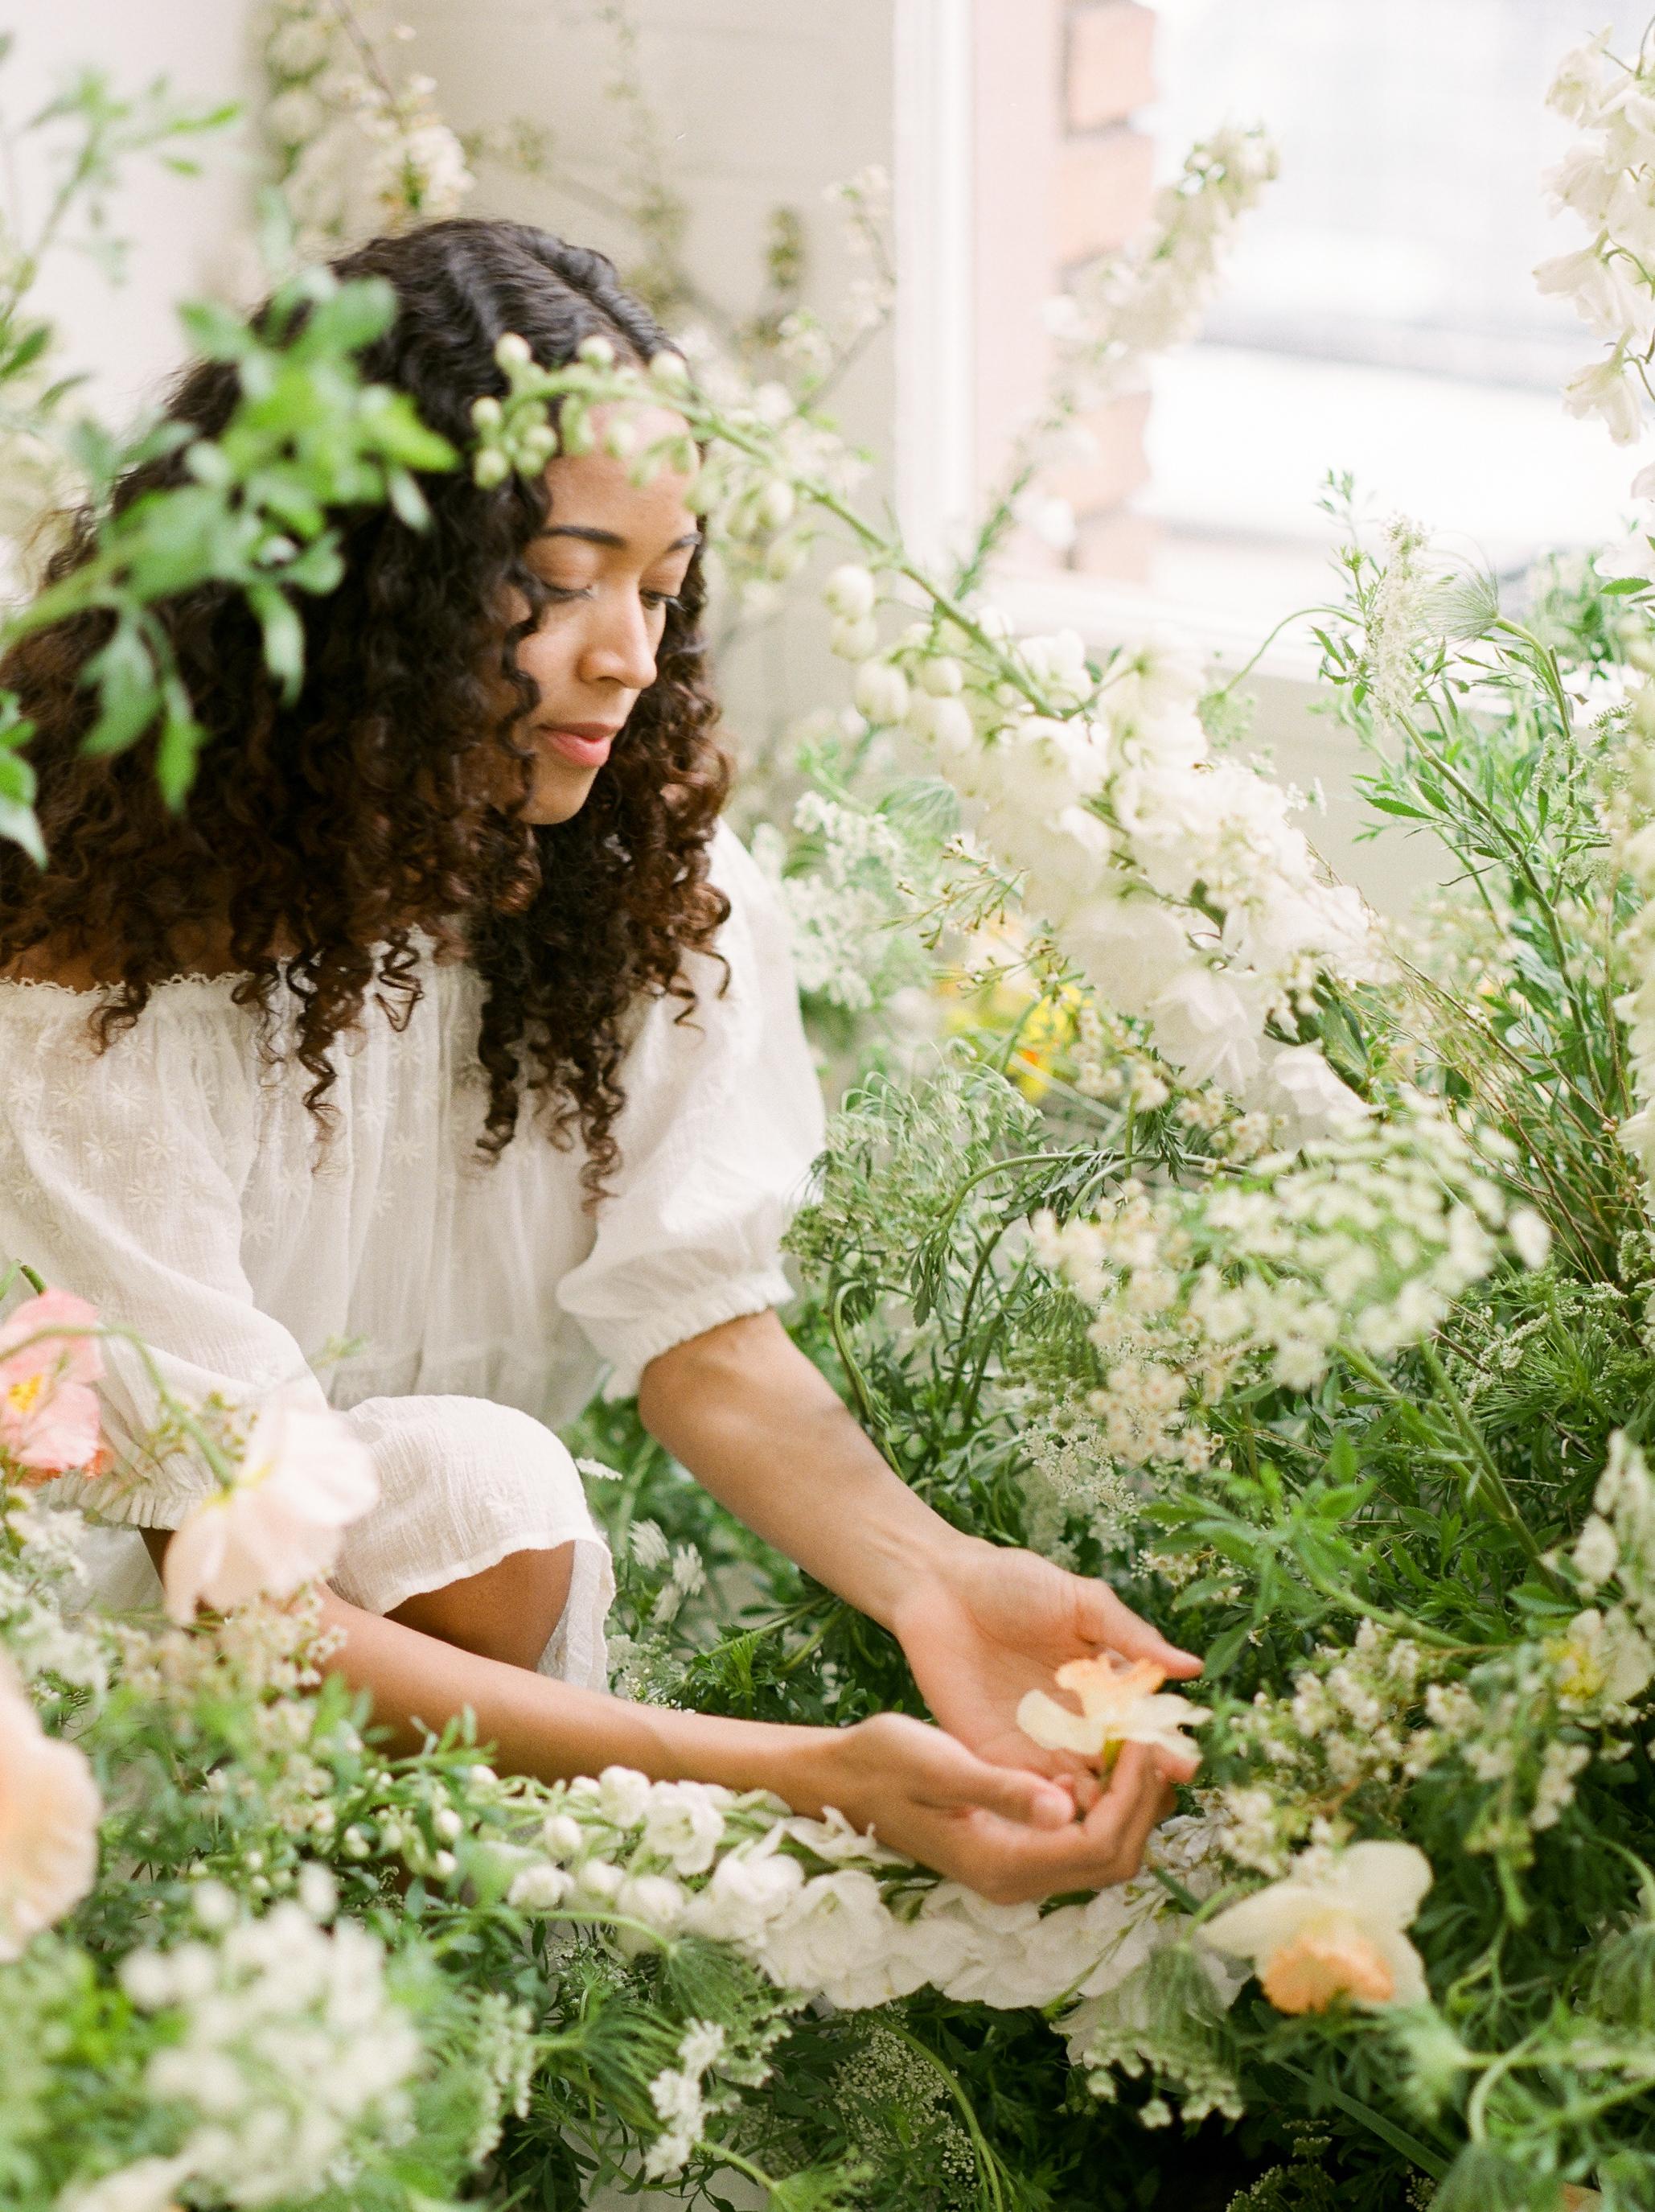 olya_vitulli_loom_bloom-15.jpg